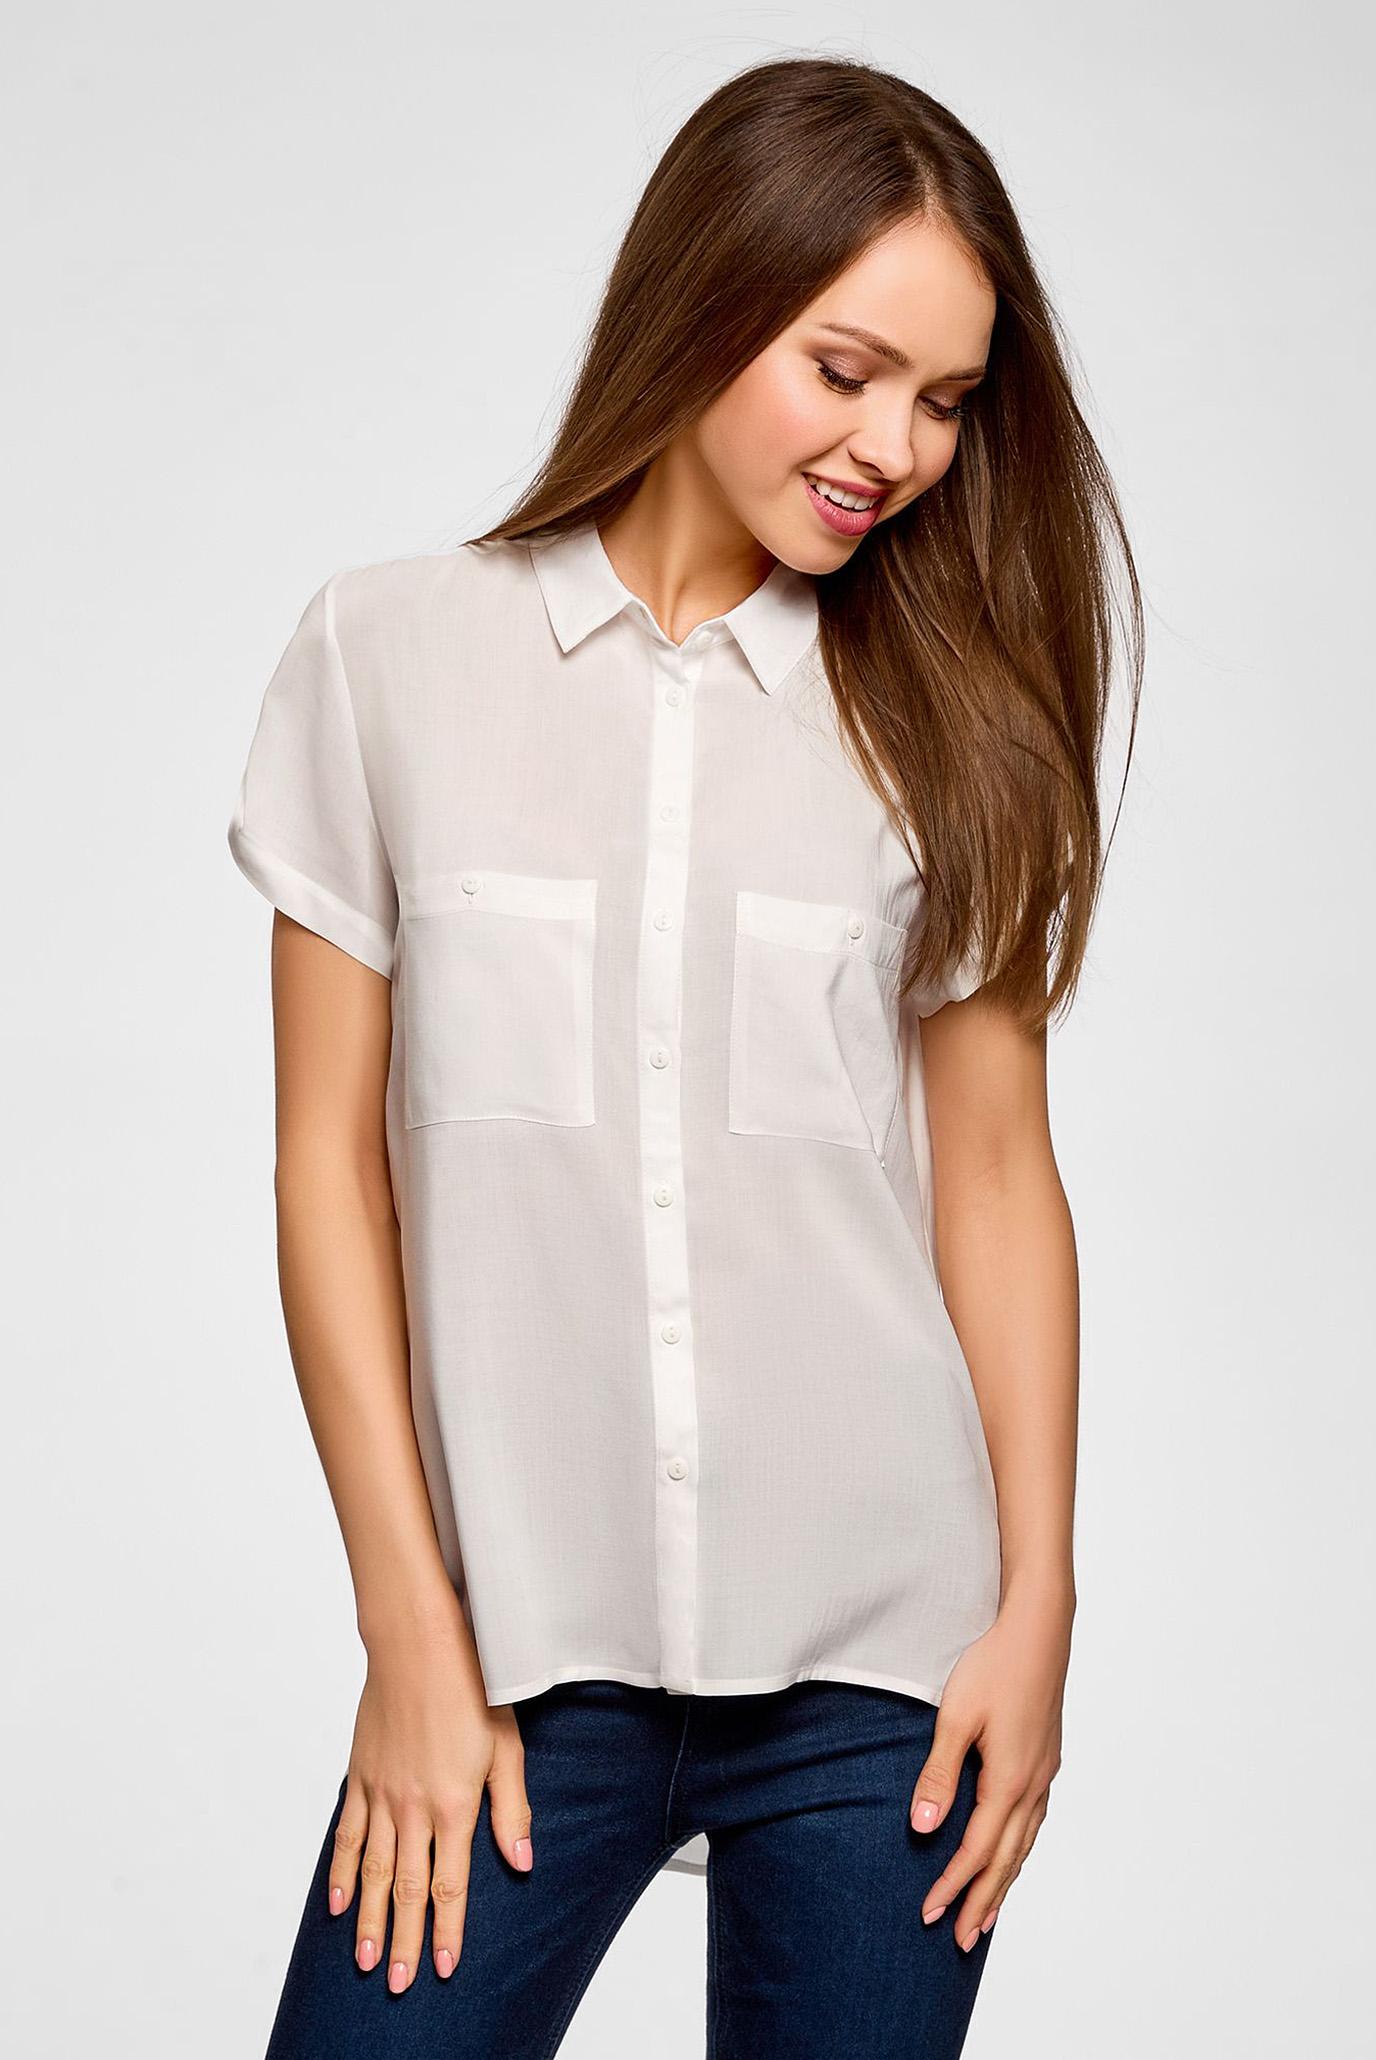 Купить Женская белая блуза Oodji Oodji 11400391-4B/24681/1200N – Киев, Украина. Цены в интернет магазине MD Fashion